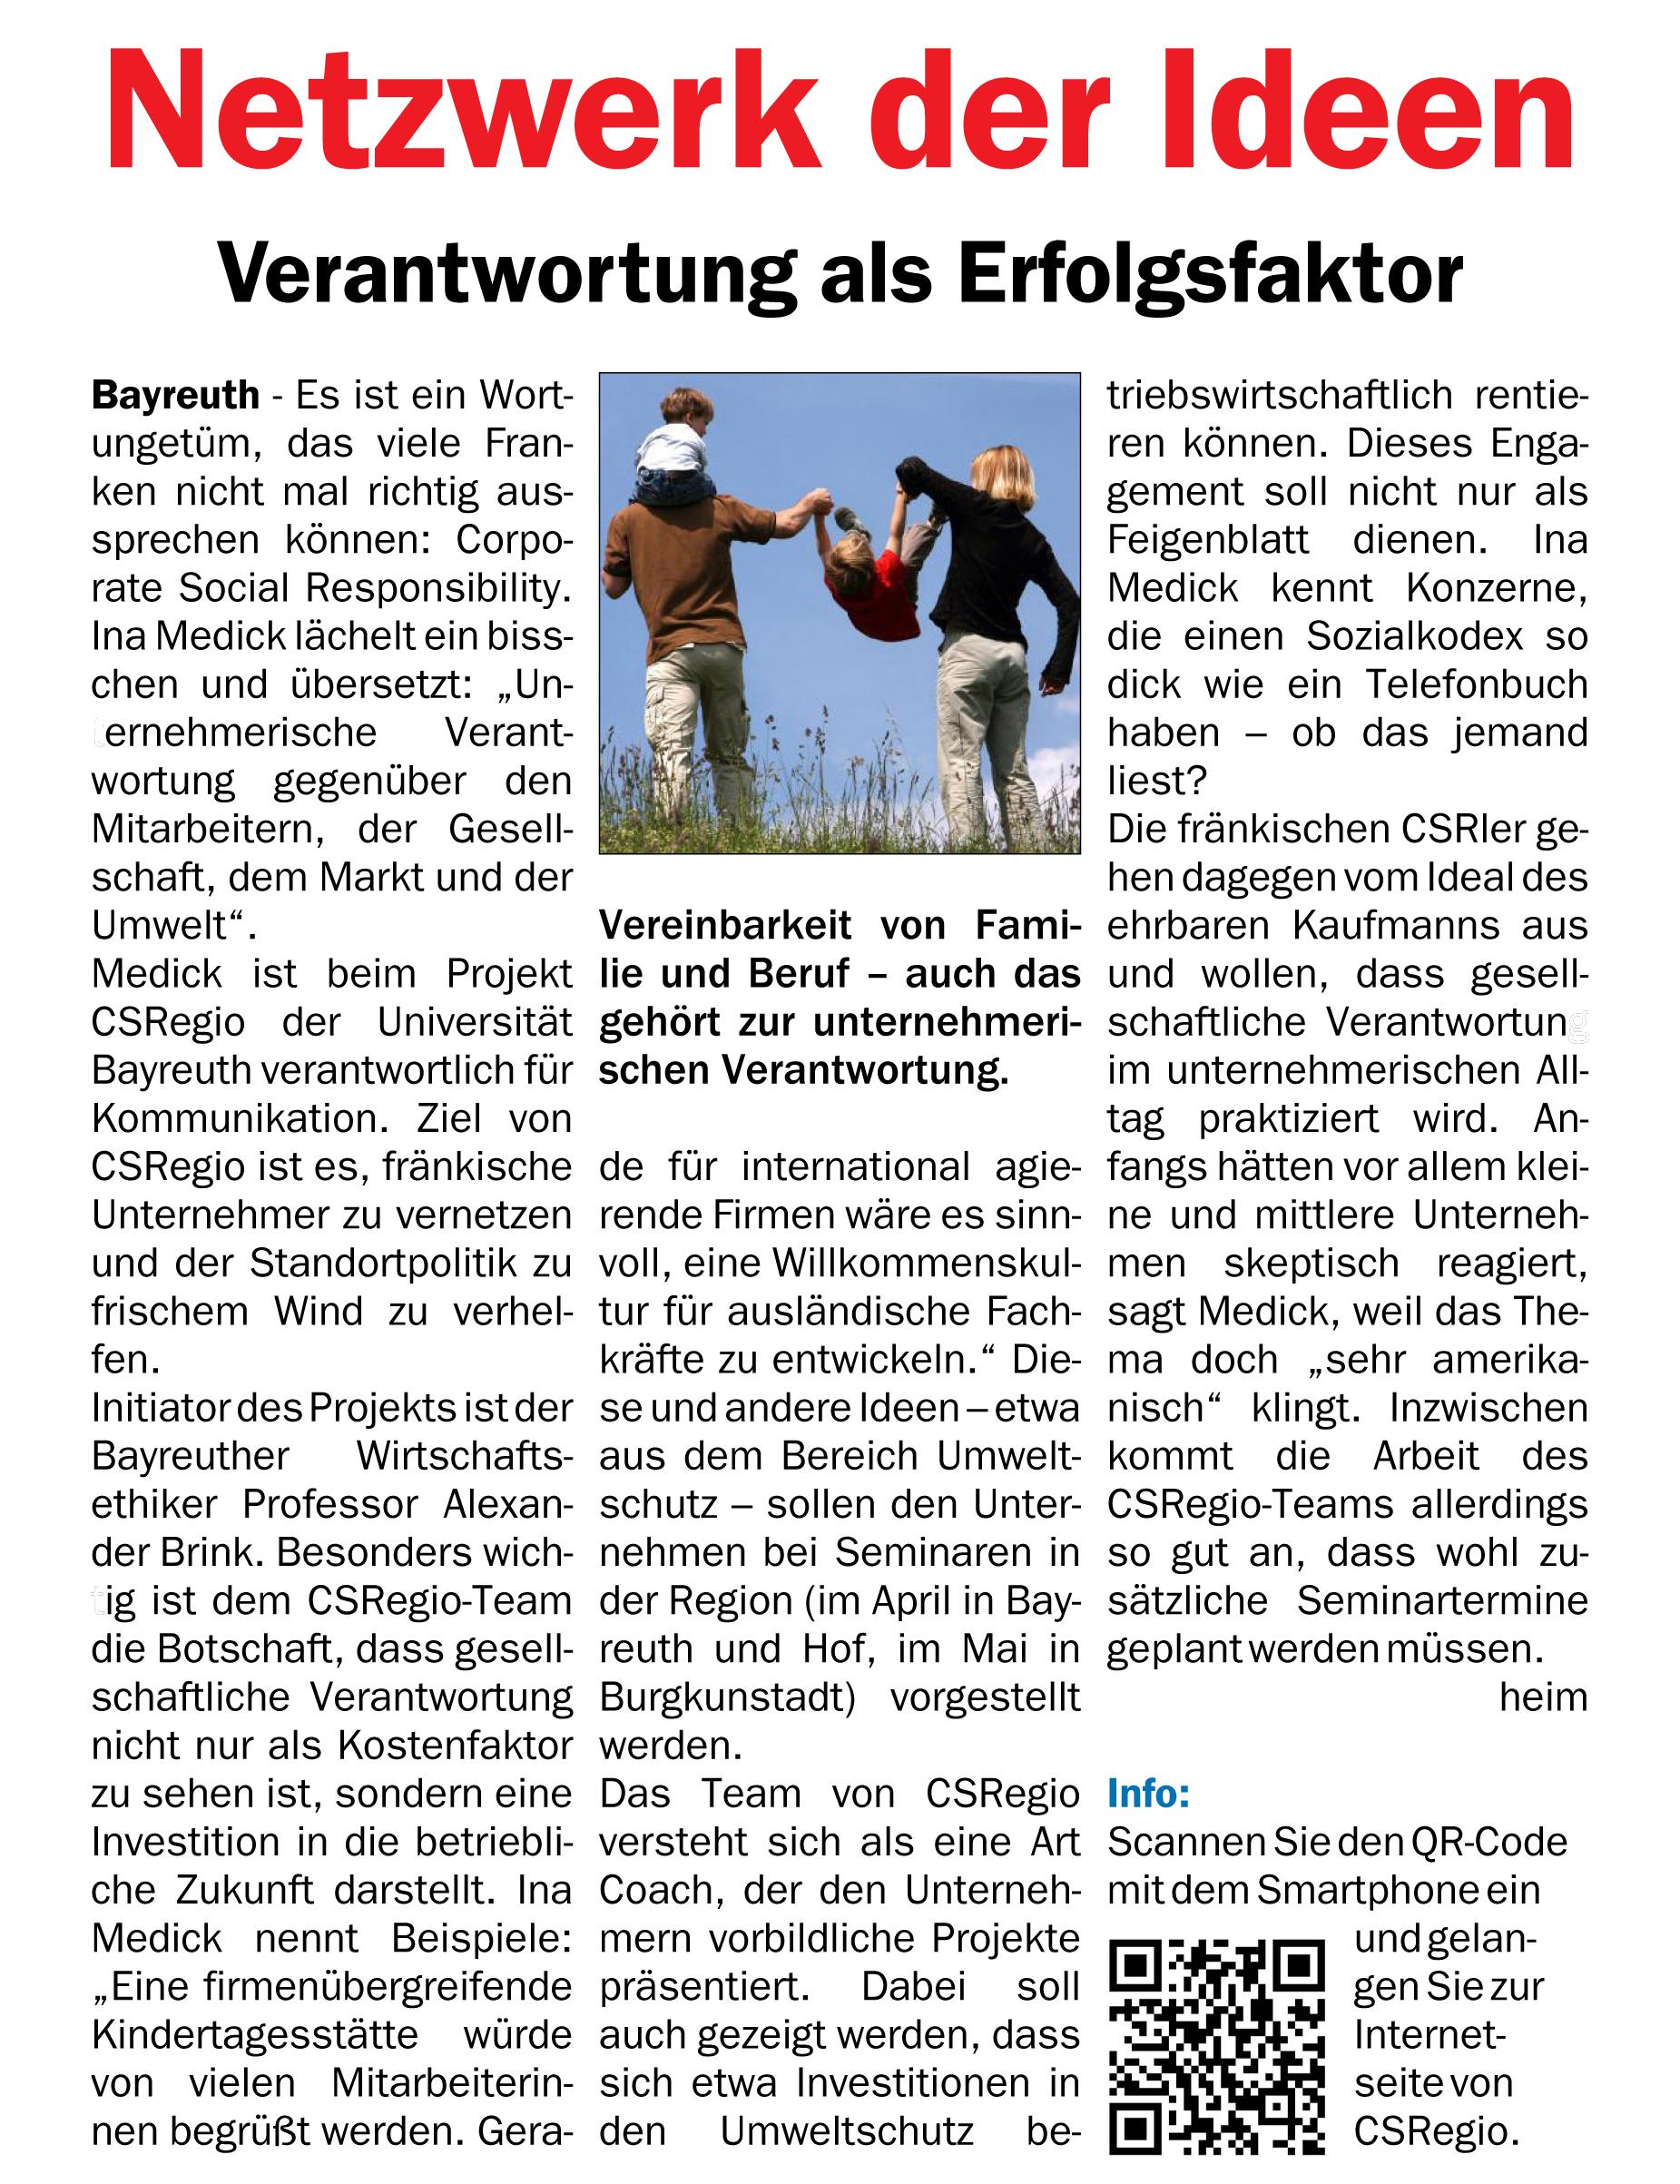 """""""Netzwerk der Ideen – Verantwortung als Erfolgsfaktor"""" in 'Fränkische Zeitung' im Februar 2013"""